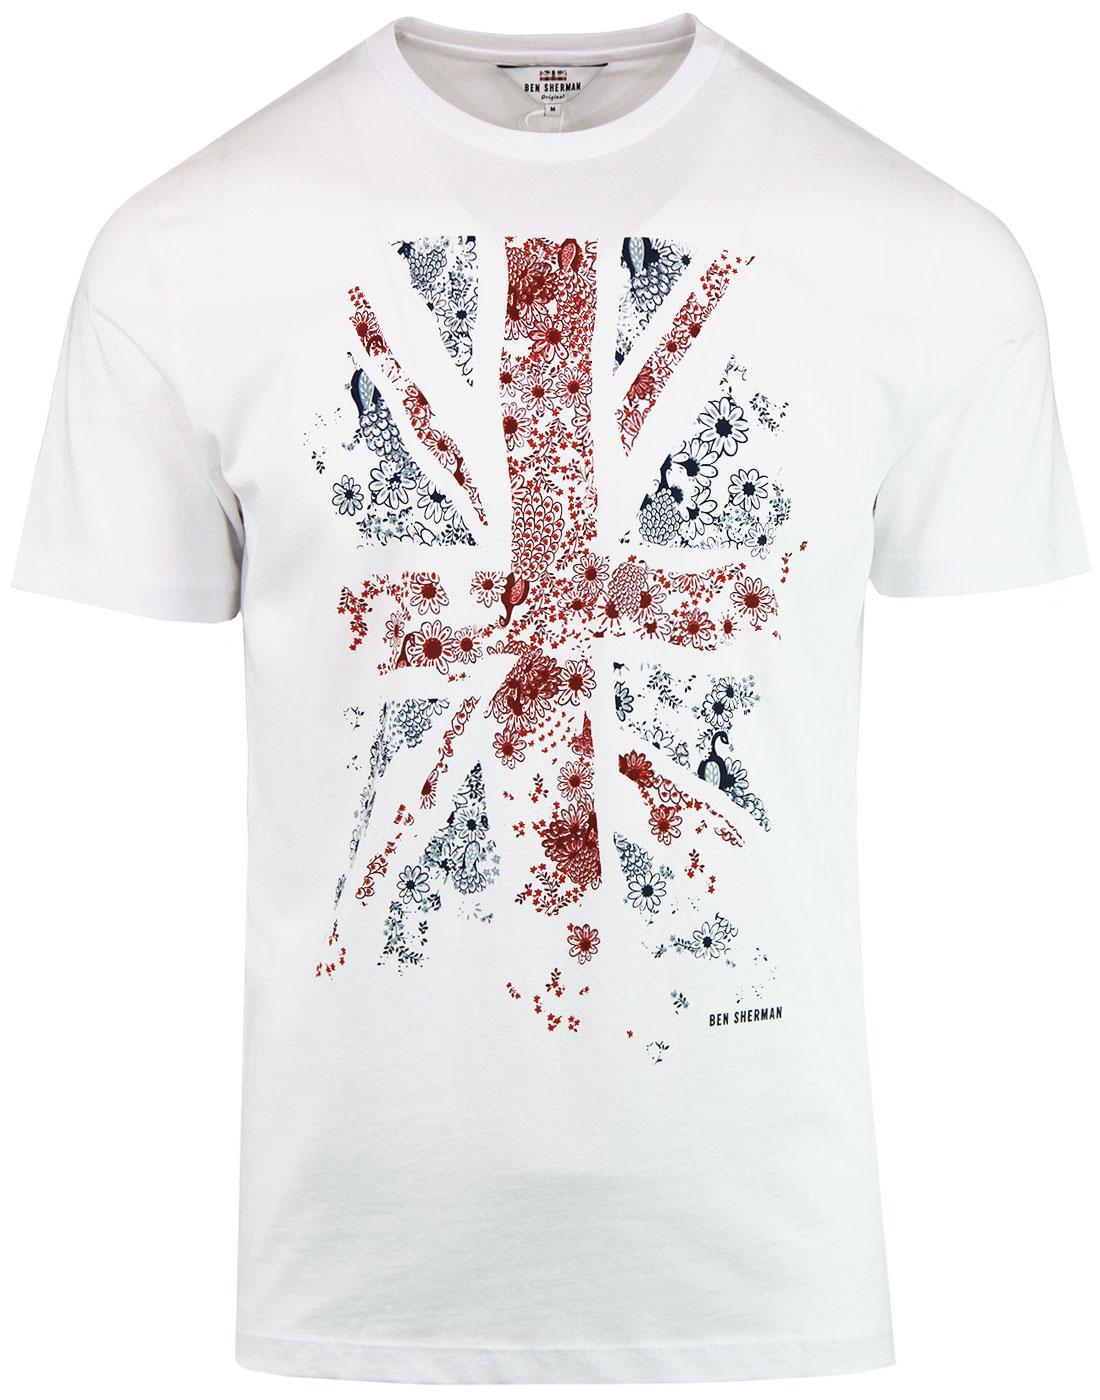 BEN SHERMAN 60s Mod Floral Union Jack Flag T-shirt